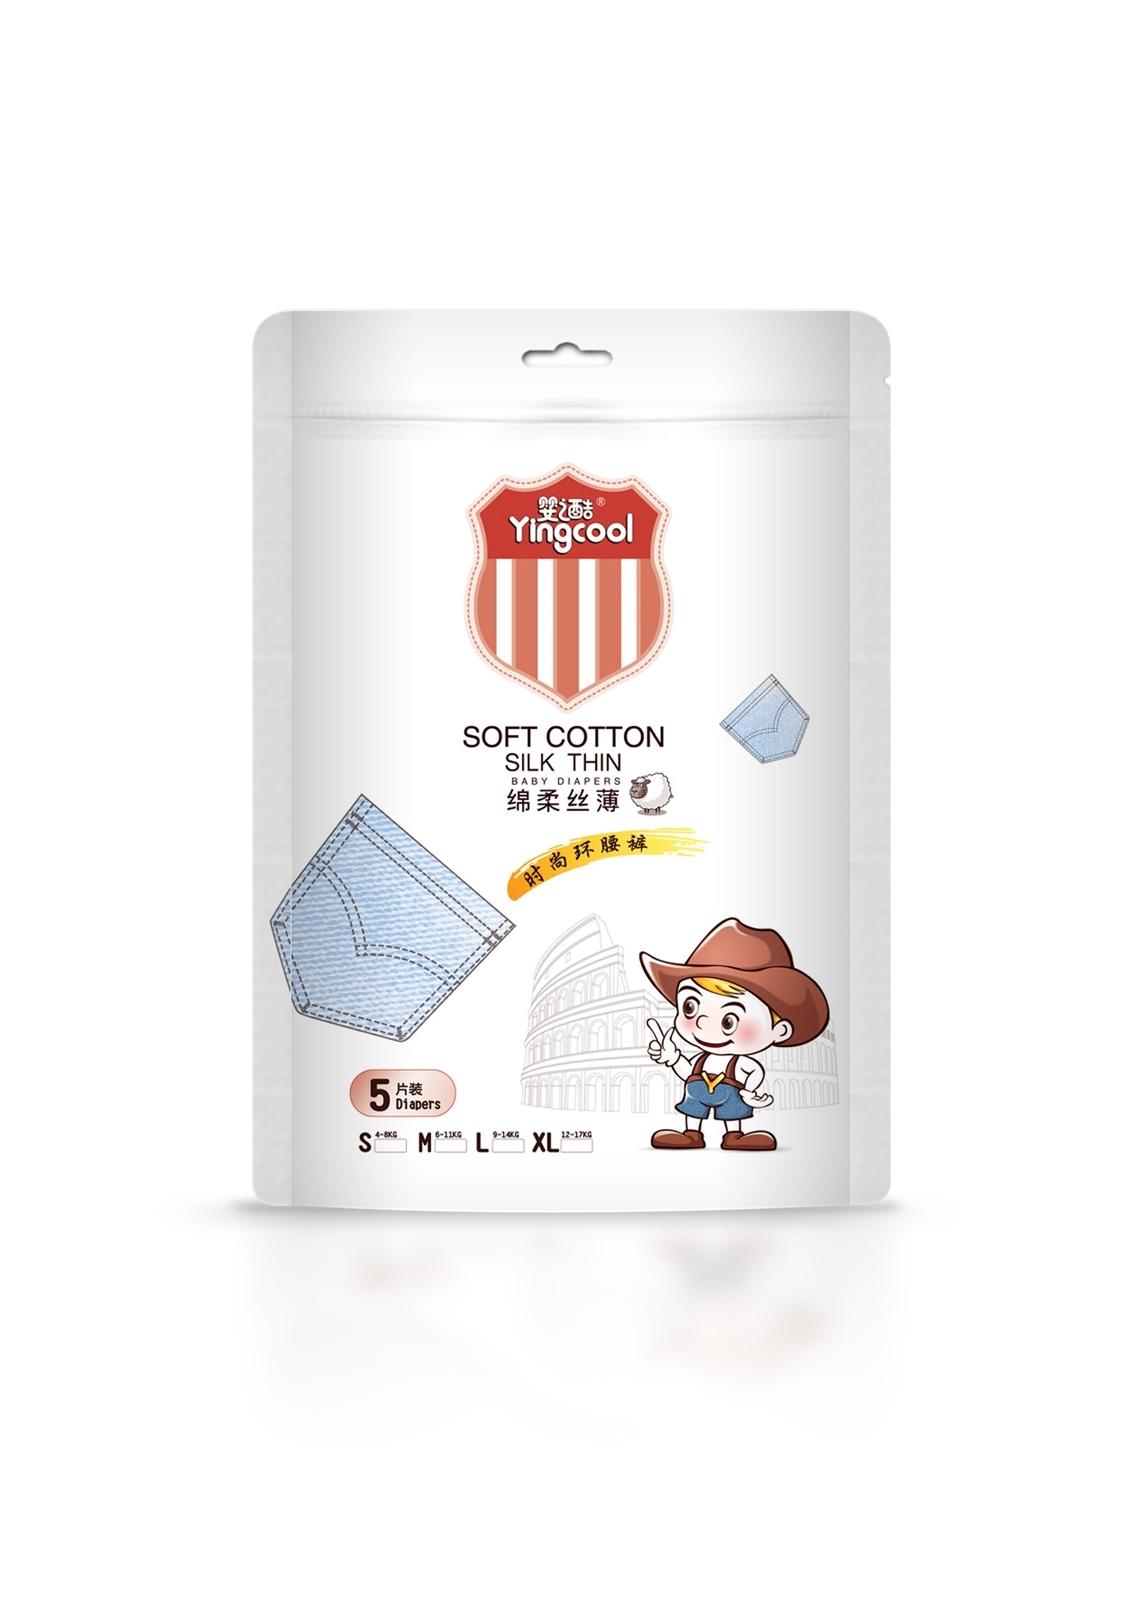 婴之酷绵柔丝薄纸尿裤5片装